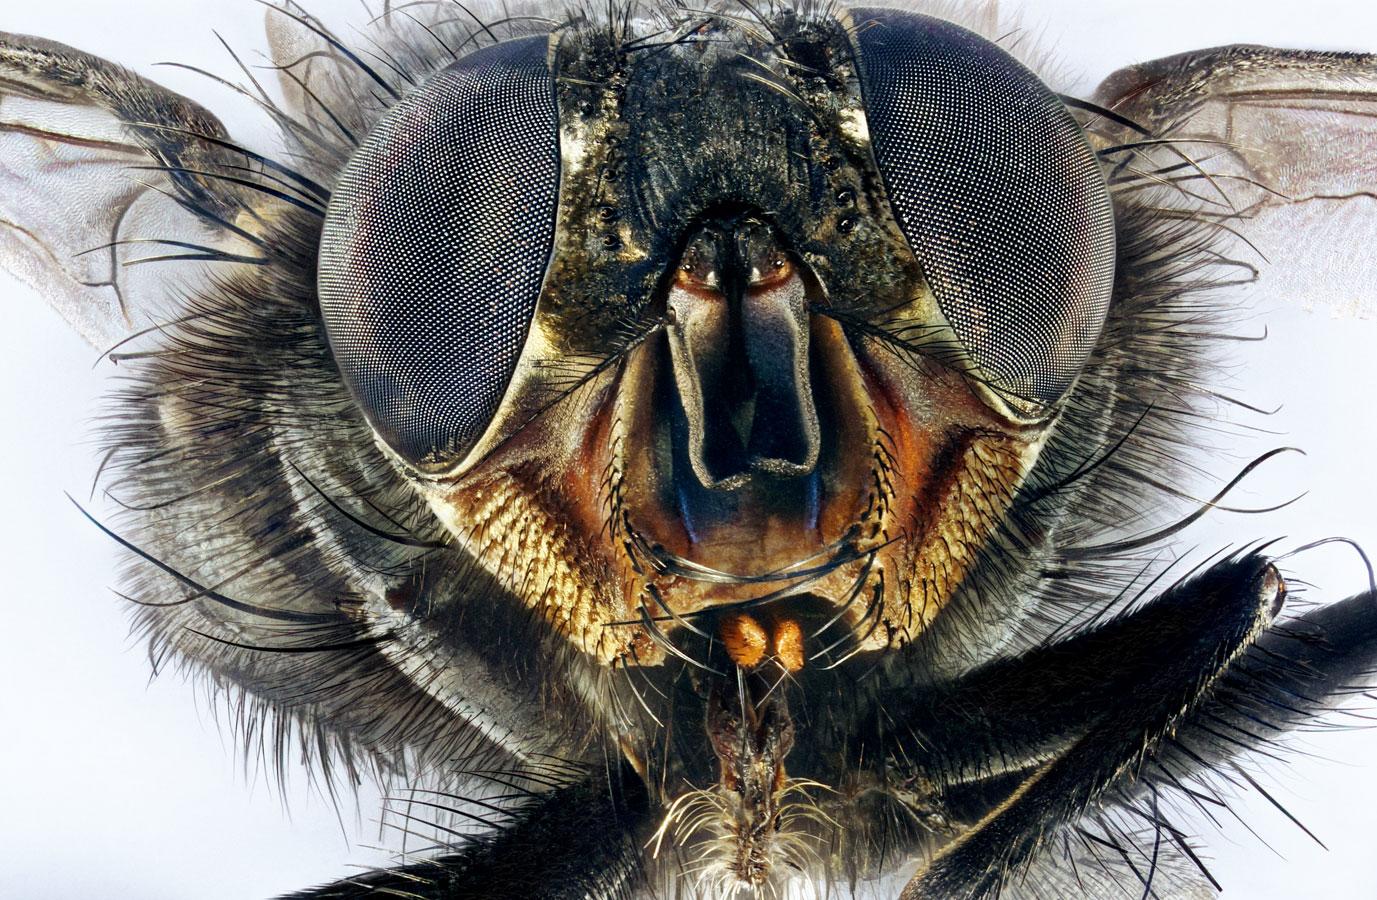 Категория «Микроизображения», © Retro Lenses, Победитель, Конкурс научных фотографий «Снимай науку»